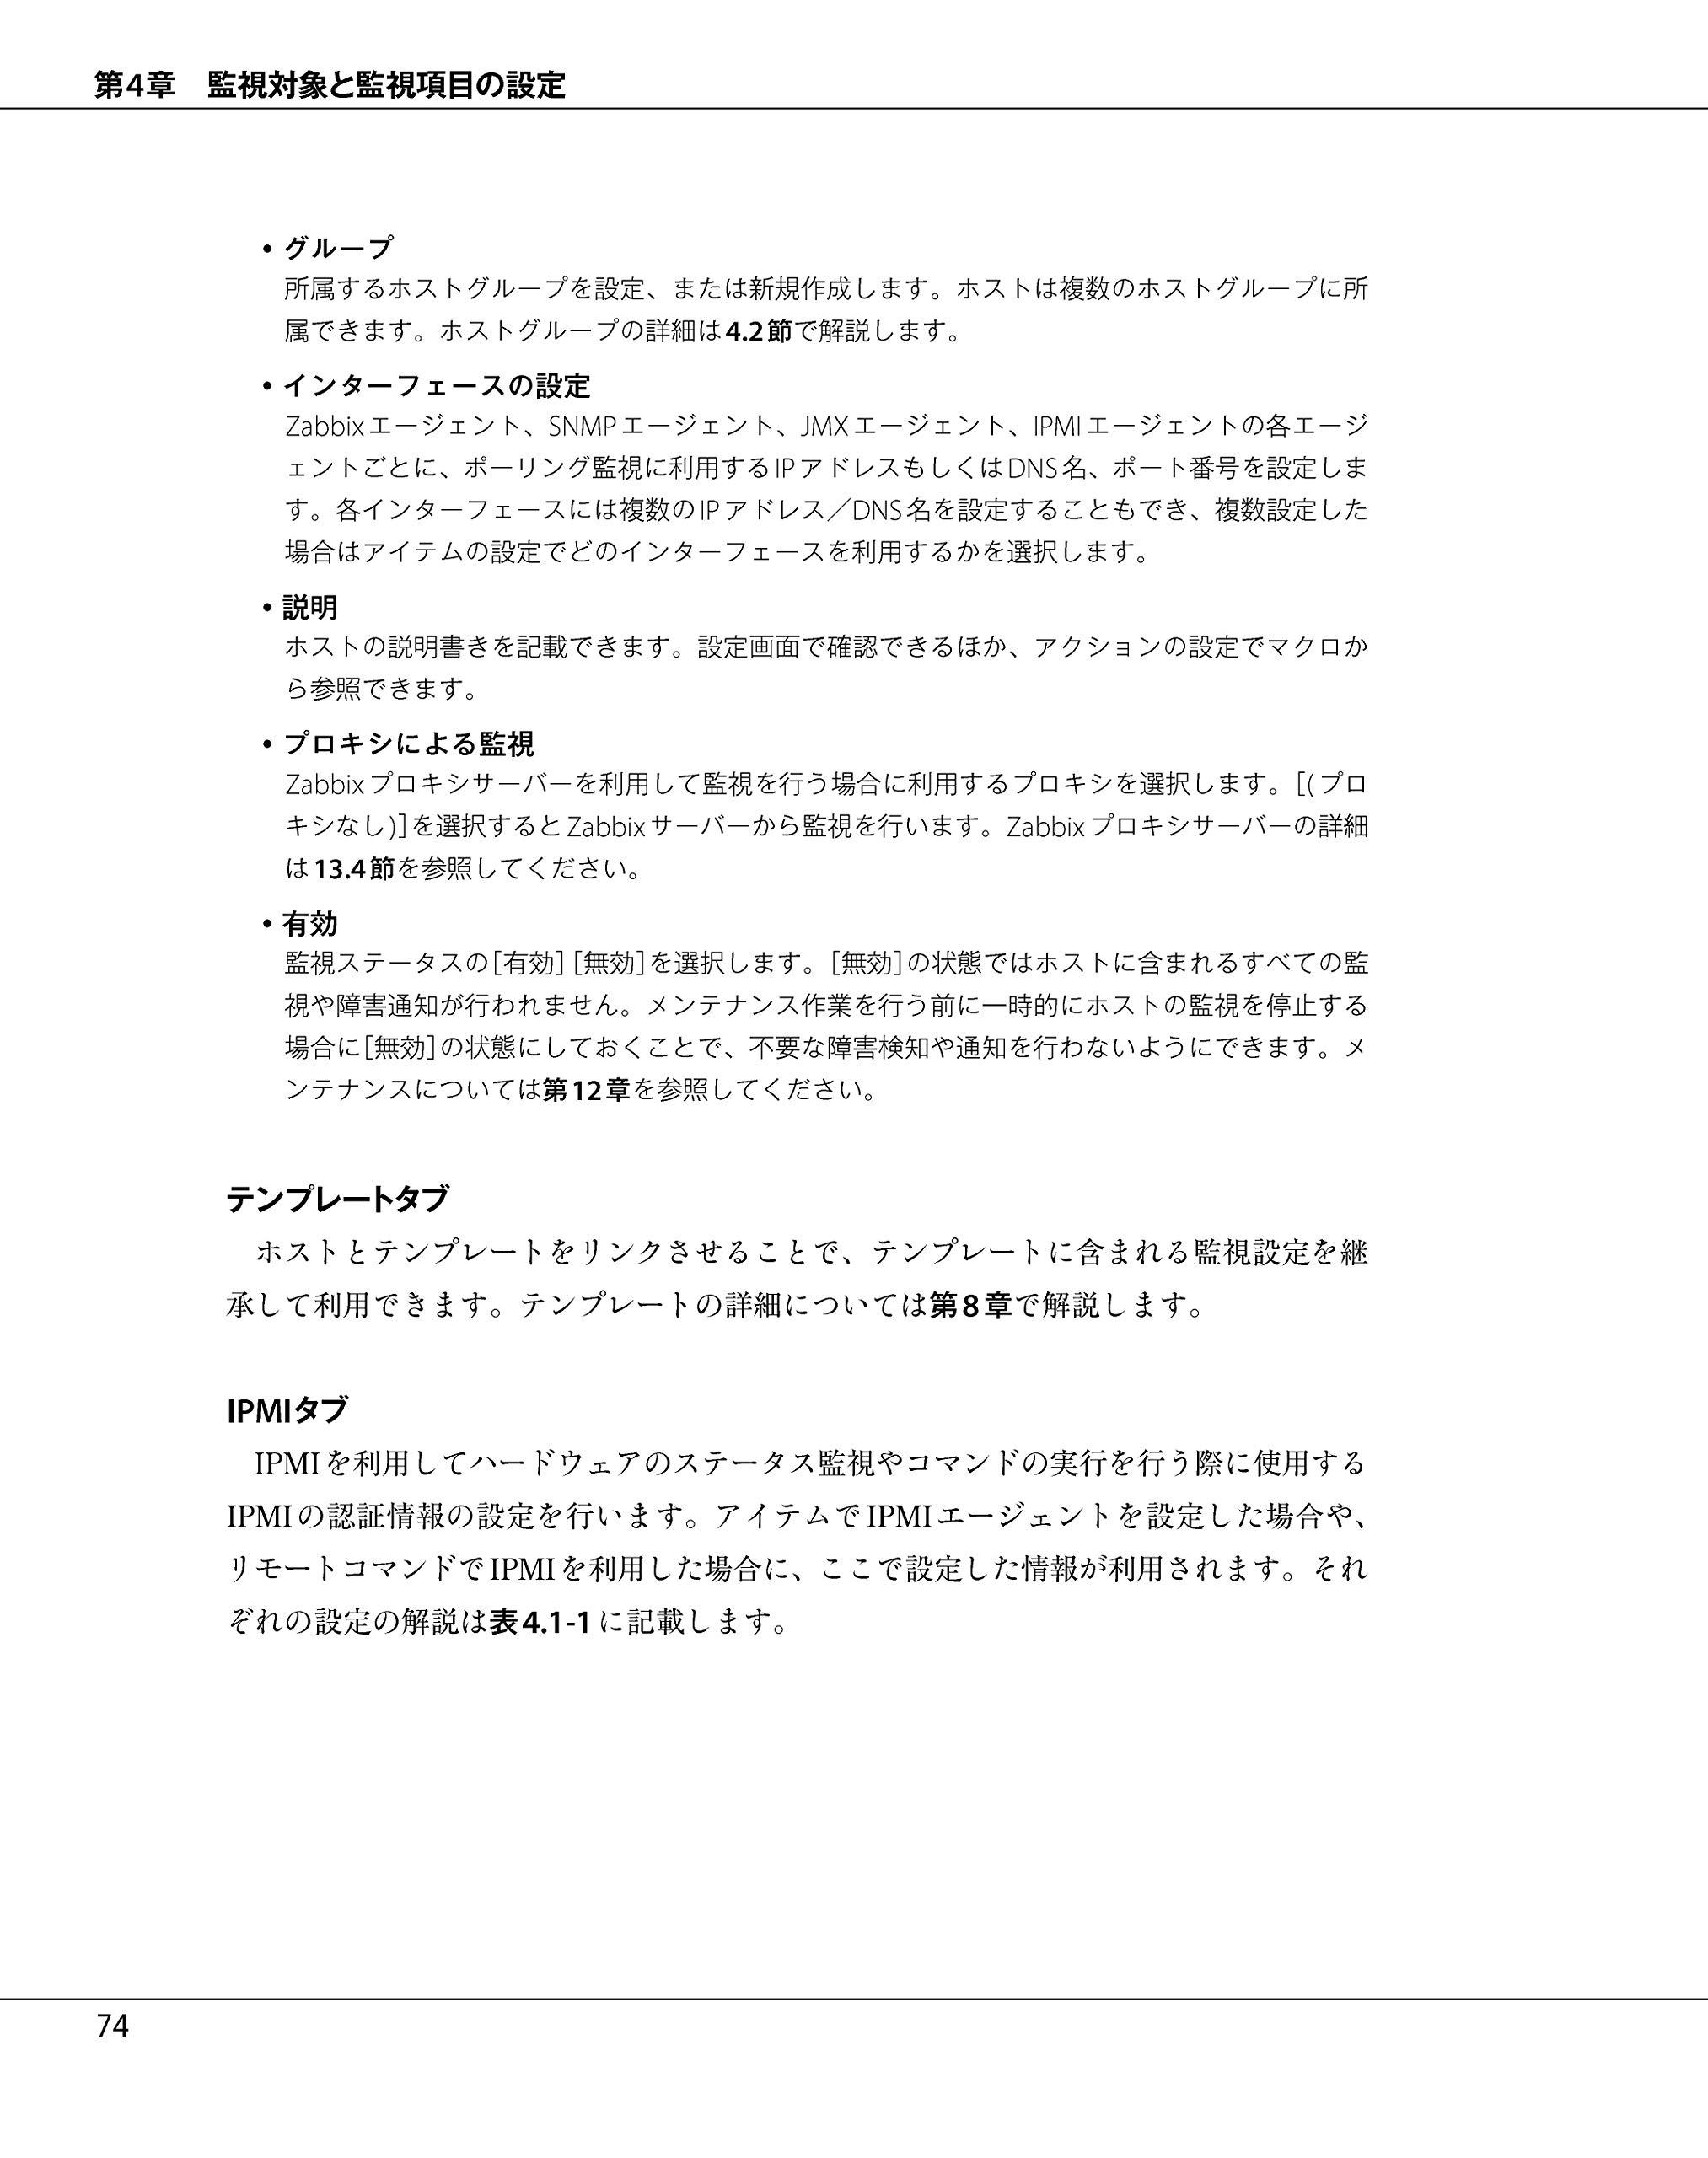 改訂3版]Zabbix統合監視実践入門 ──障害通知、傾向分析、可視化による